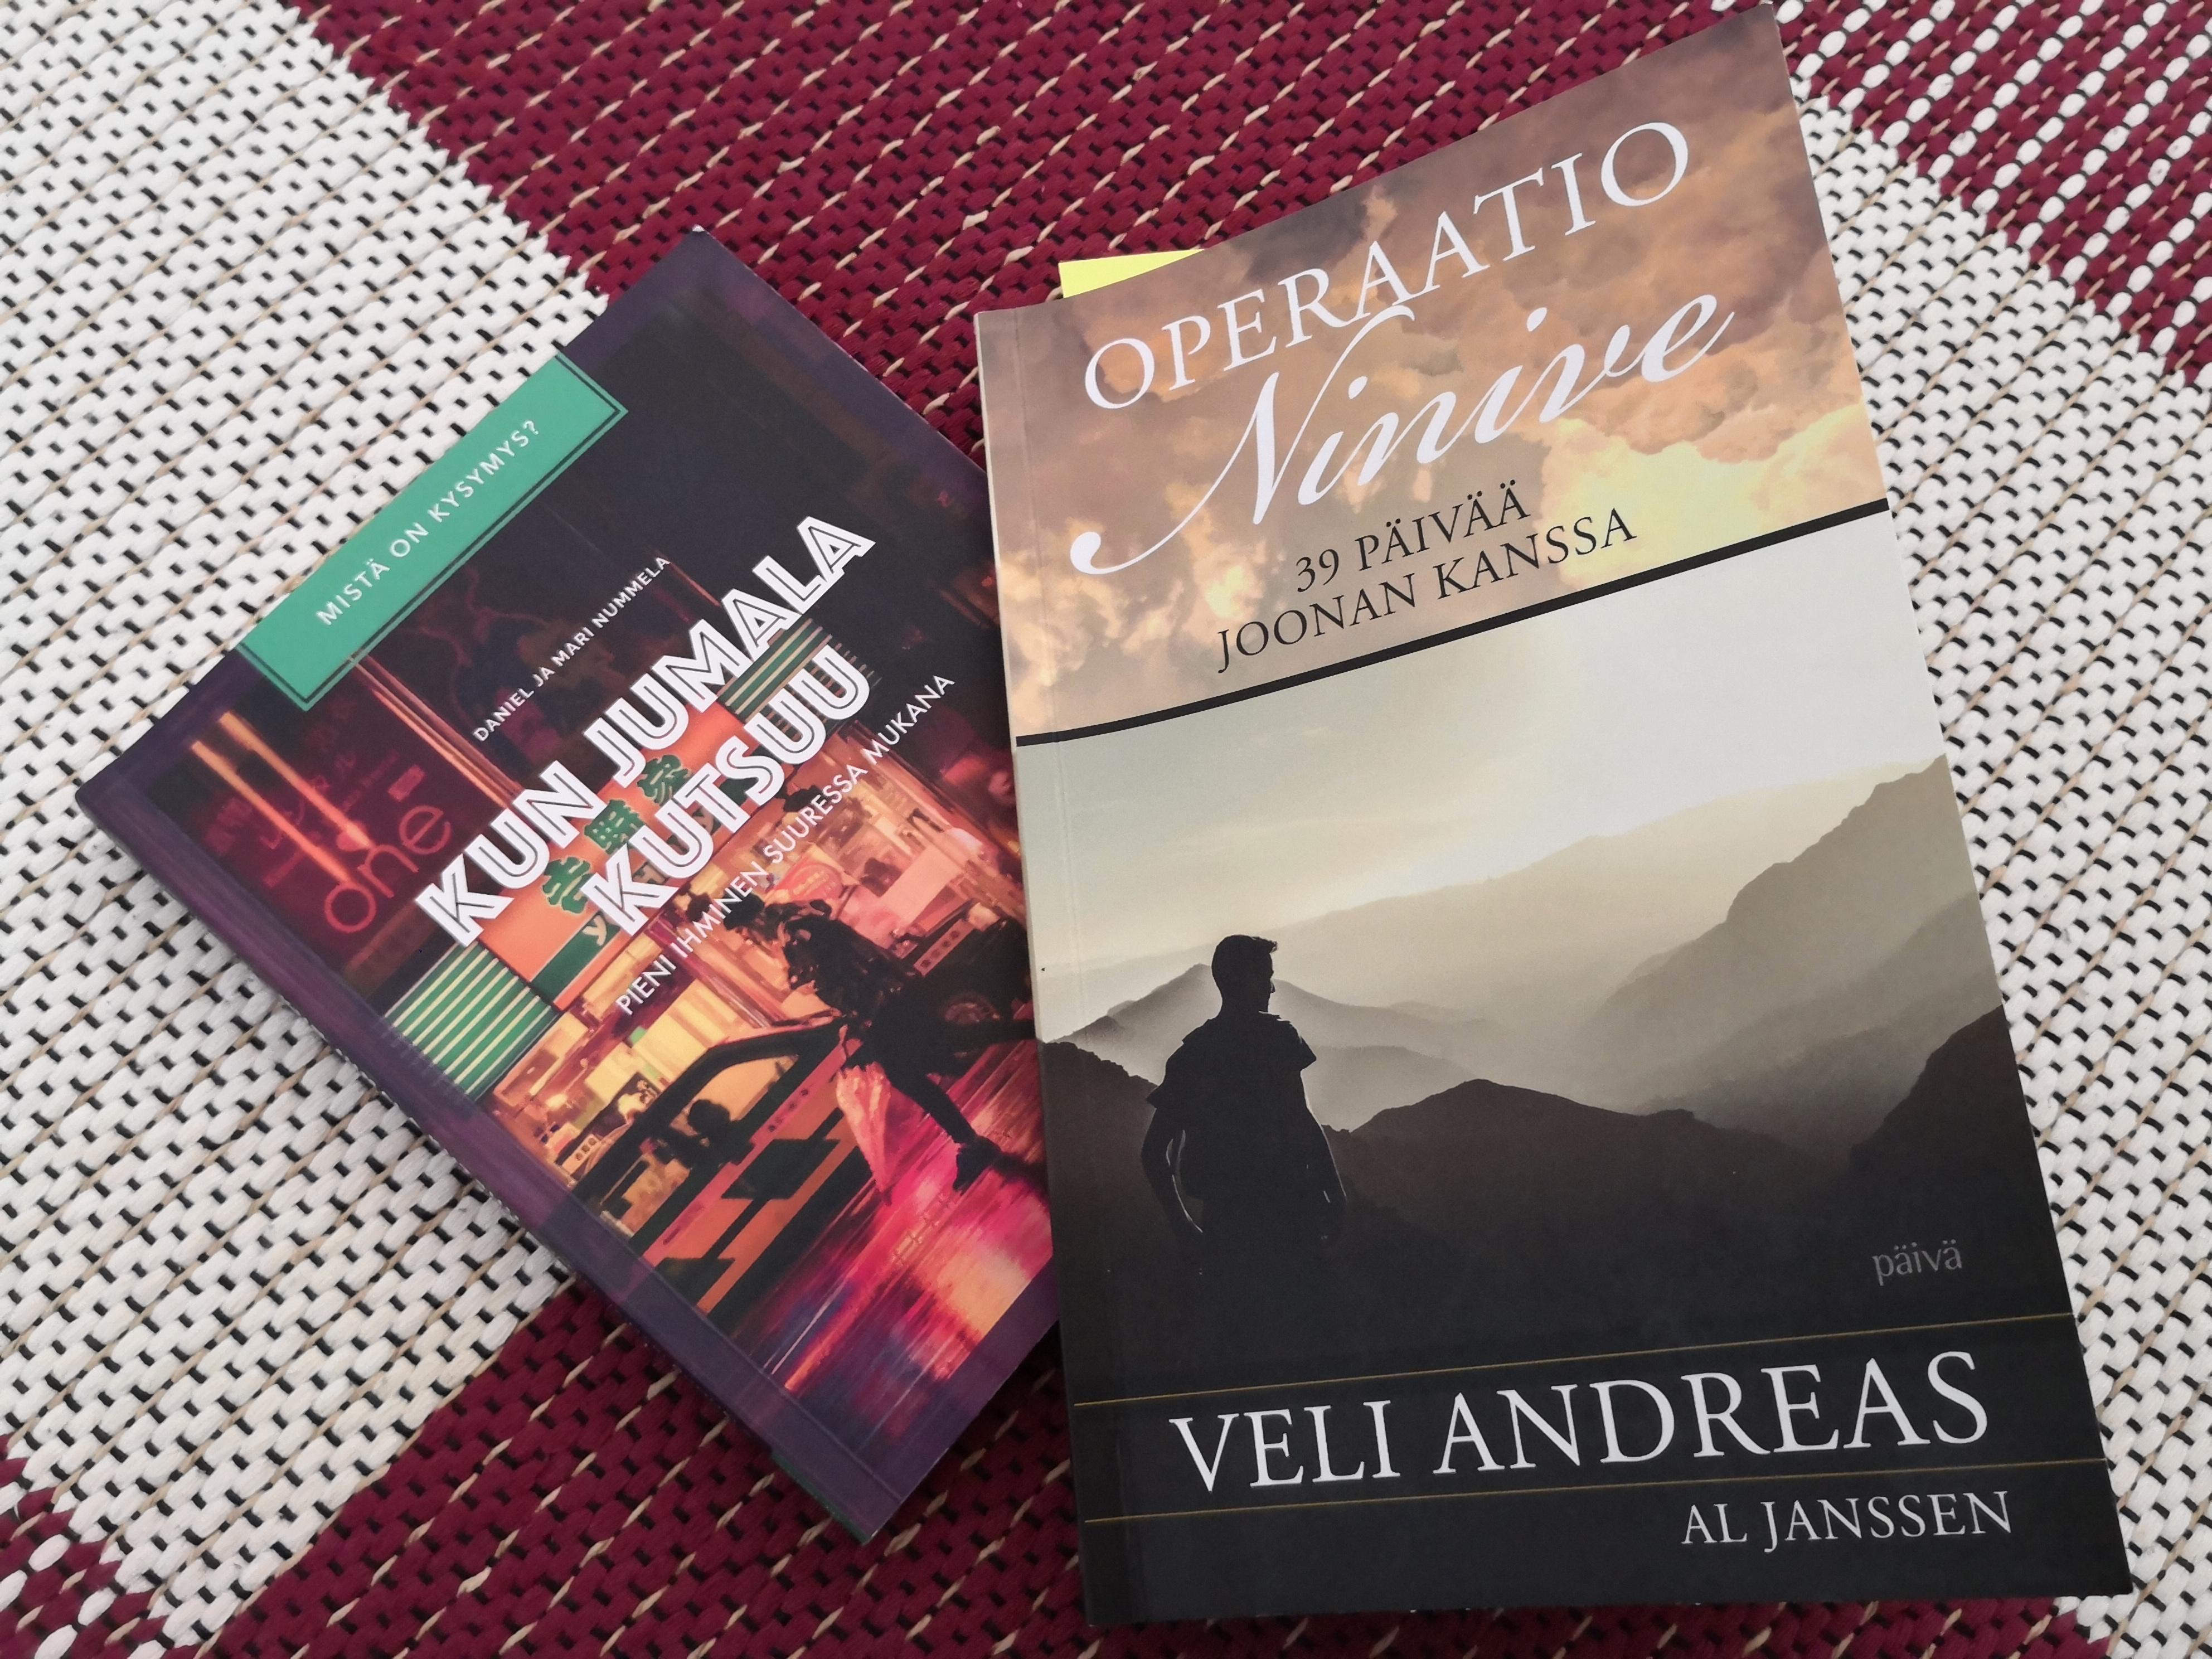 Kaksi lähetysaiheista kirjaa, Kun Jumala kutsuu ja Operaatio Ninive